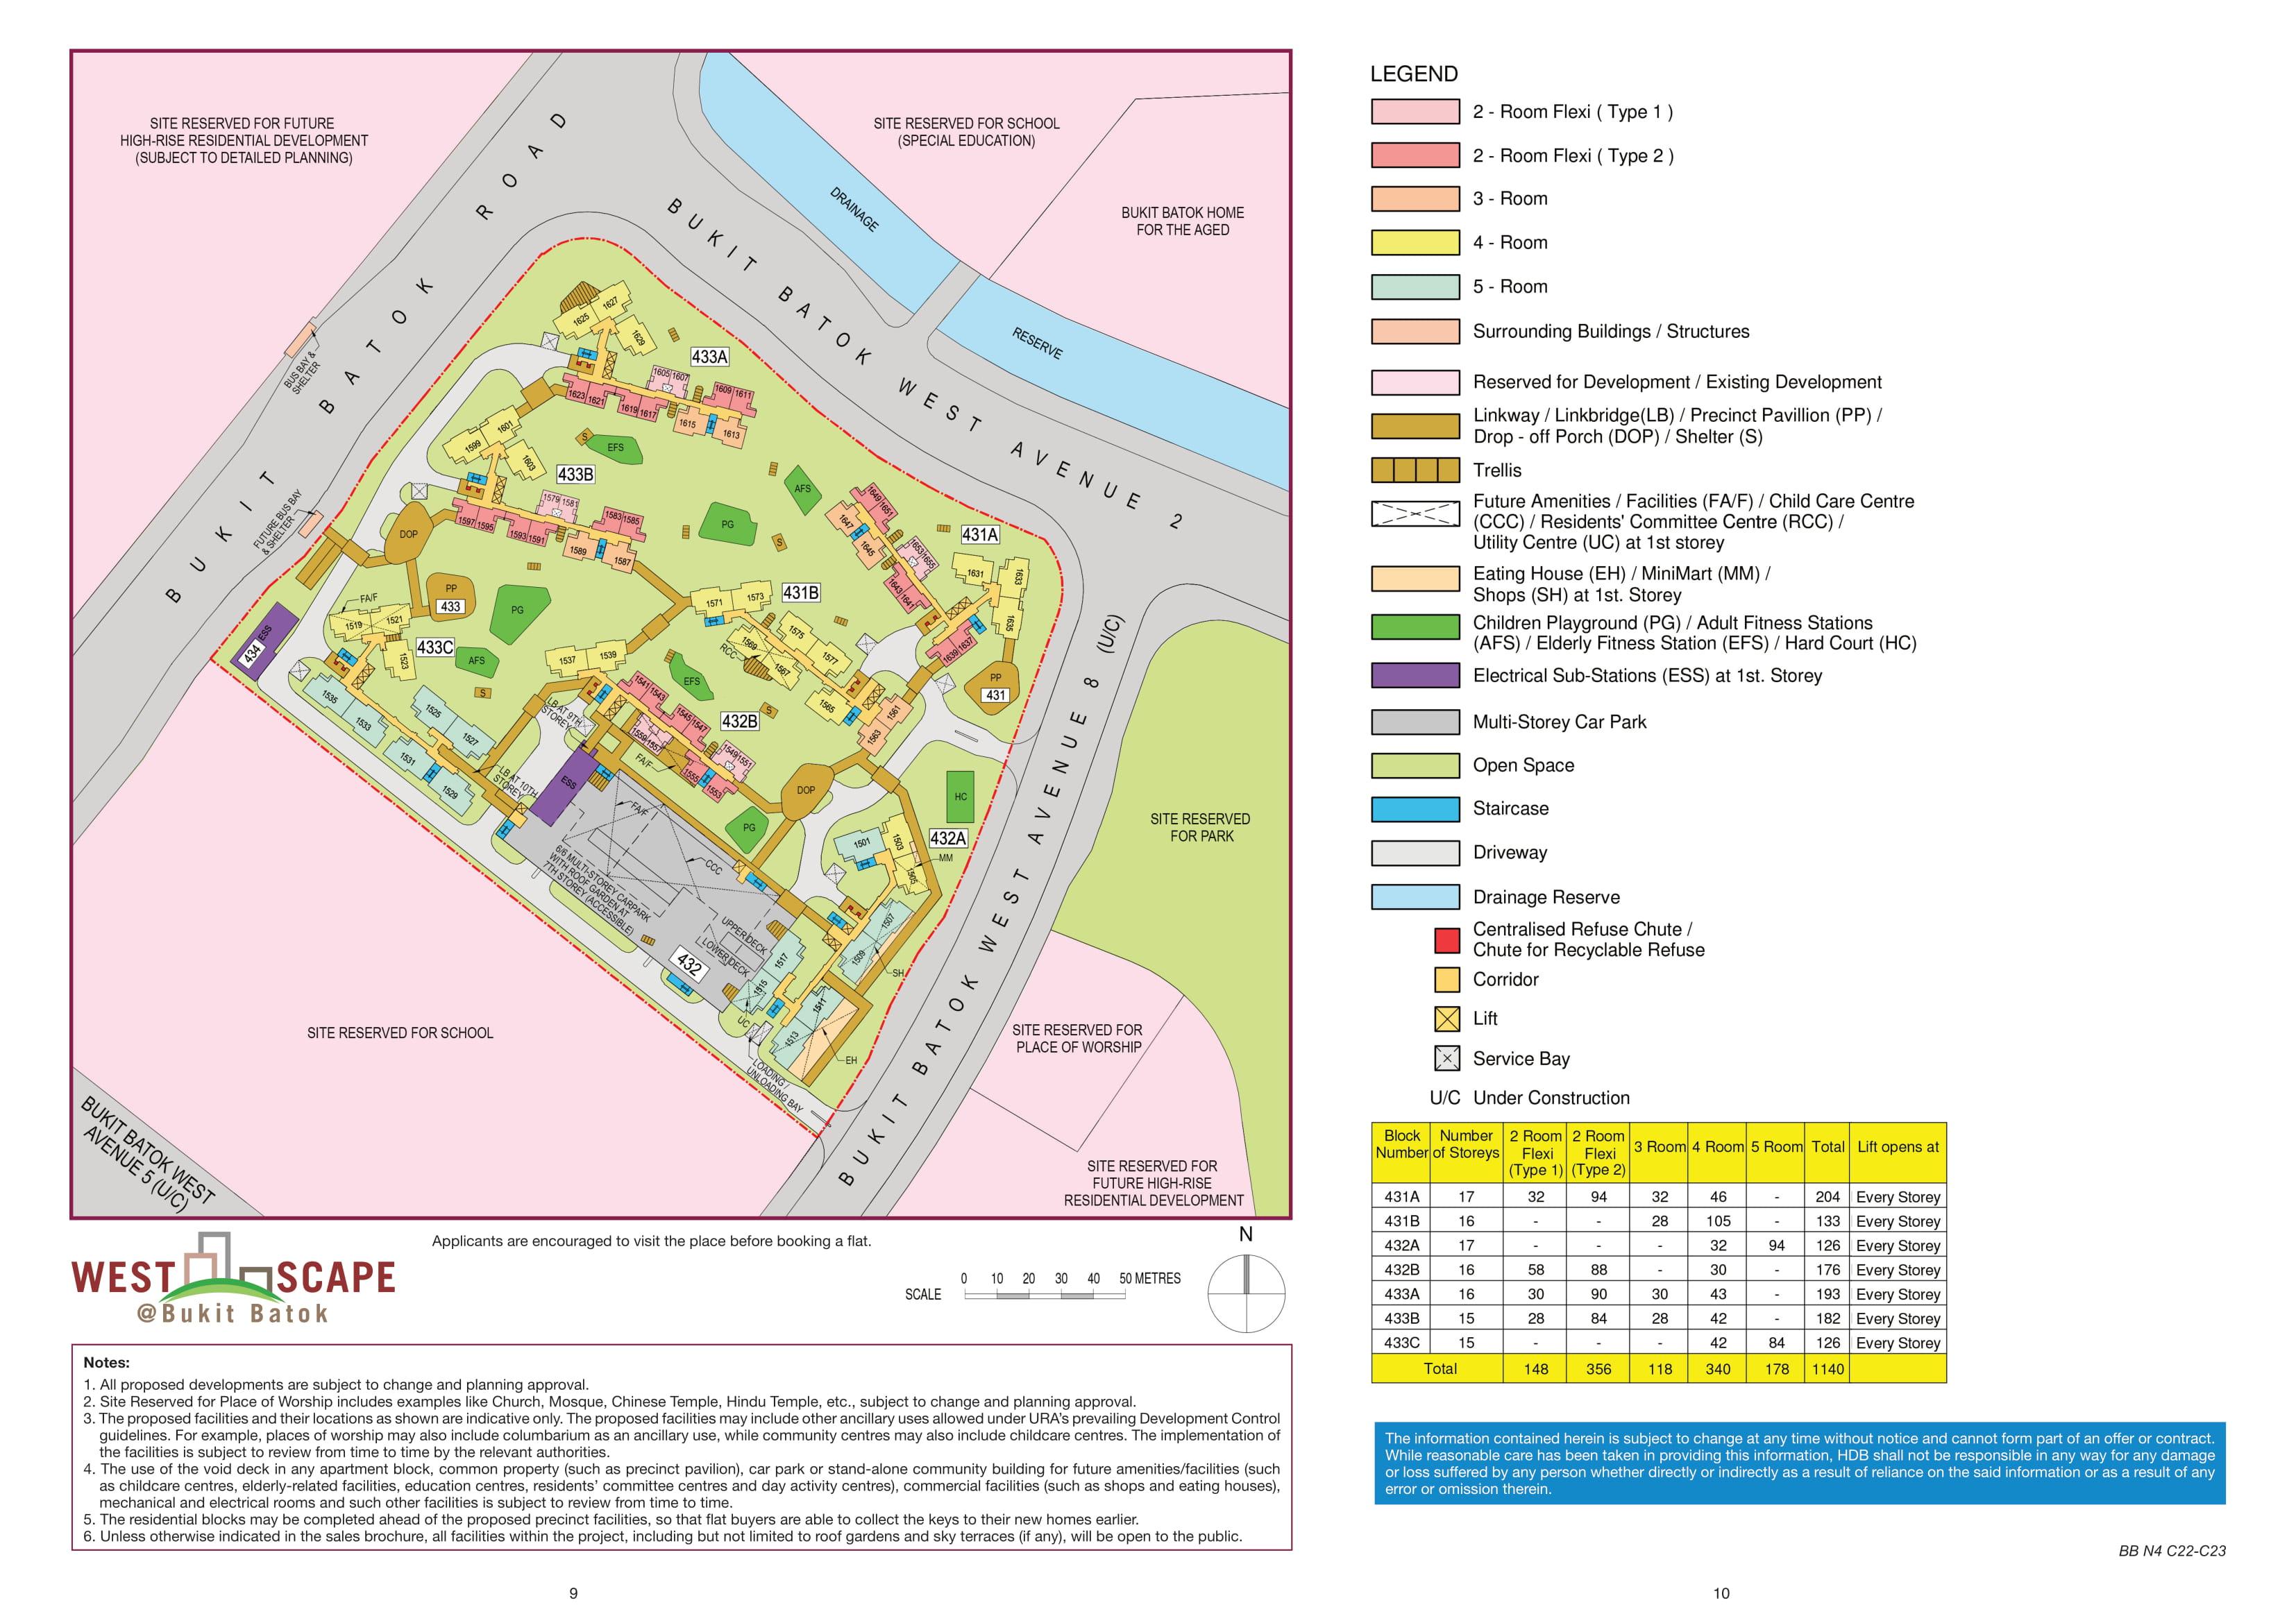 West Scape @ Bukit Batok Site Plan